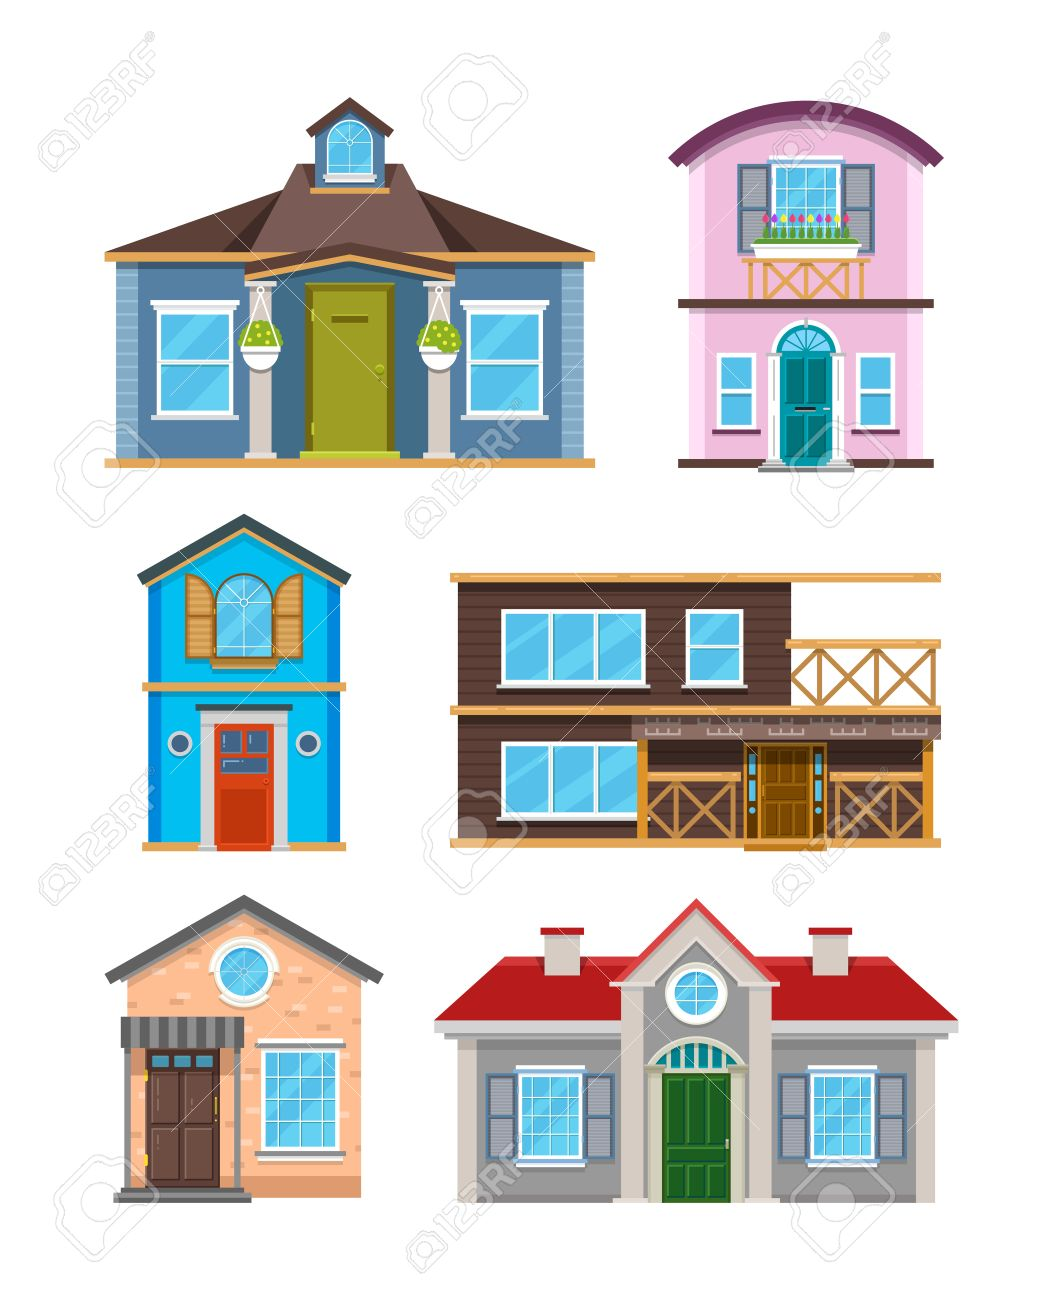 Modernes Wohngebäude Häuser Cartoon-Vektor-Sammlung. Architektur ...